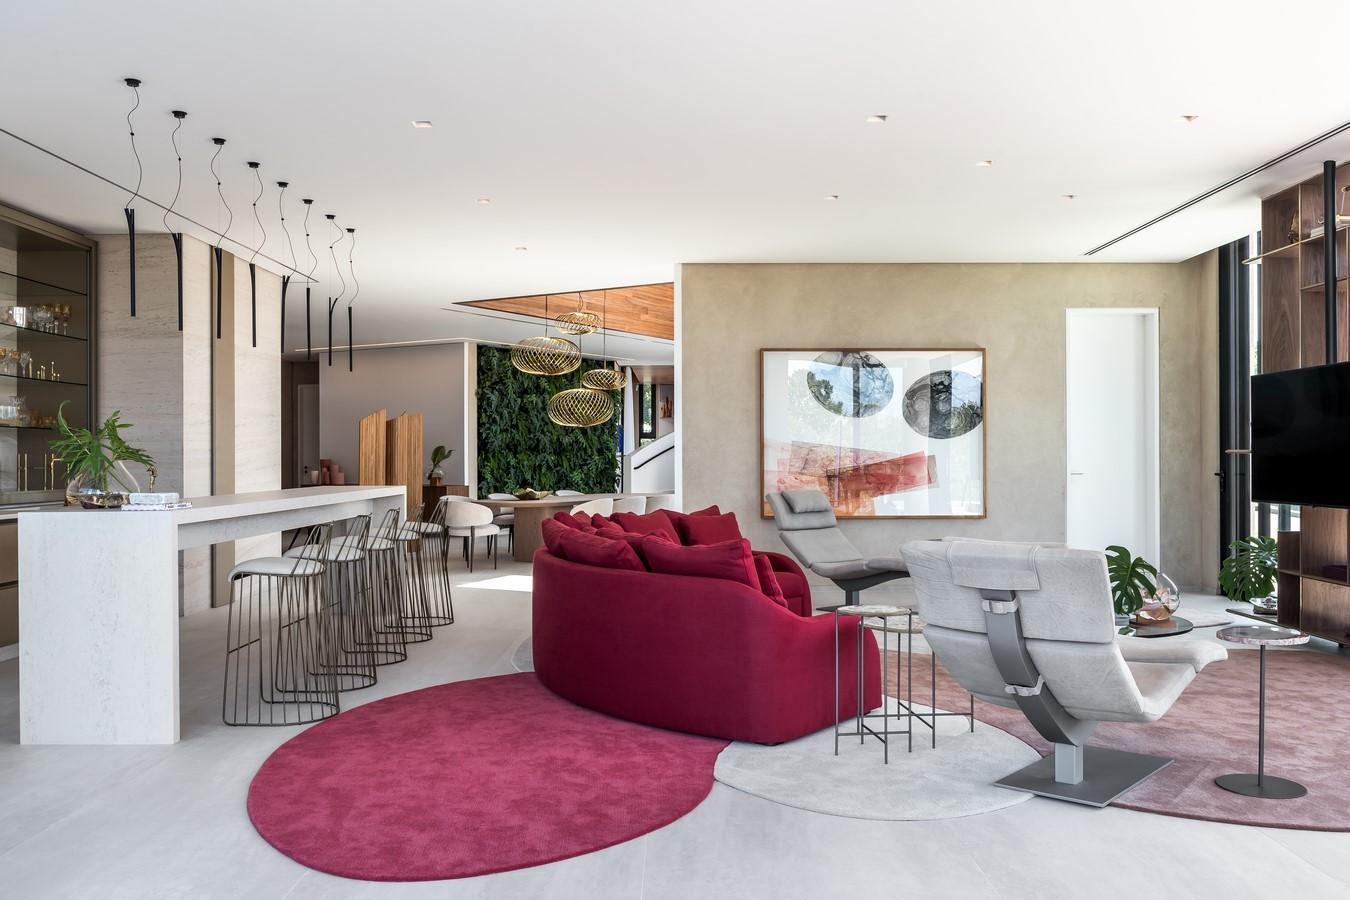 Panoramic House by Schuchovski Arquitetura - Sheet1